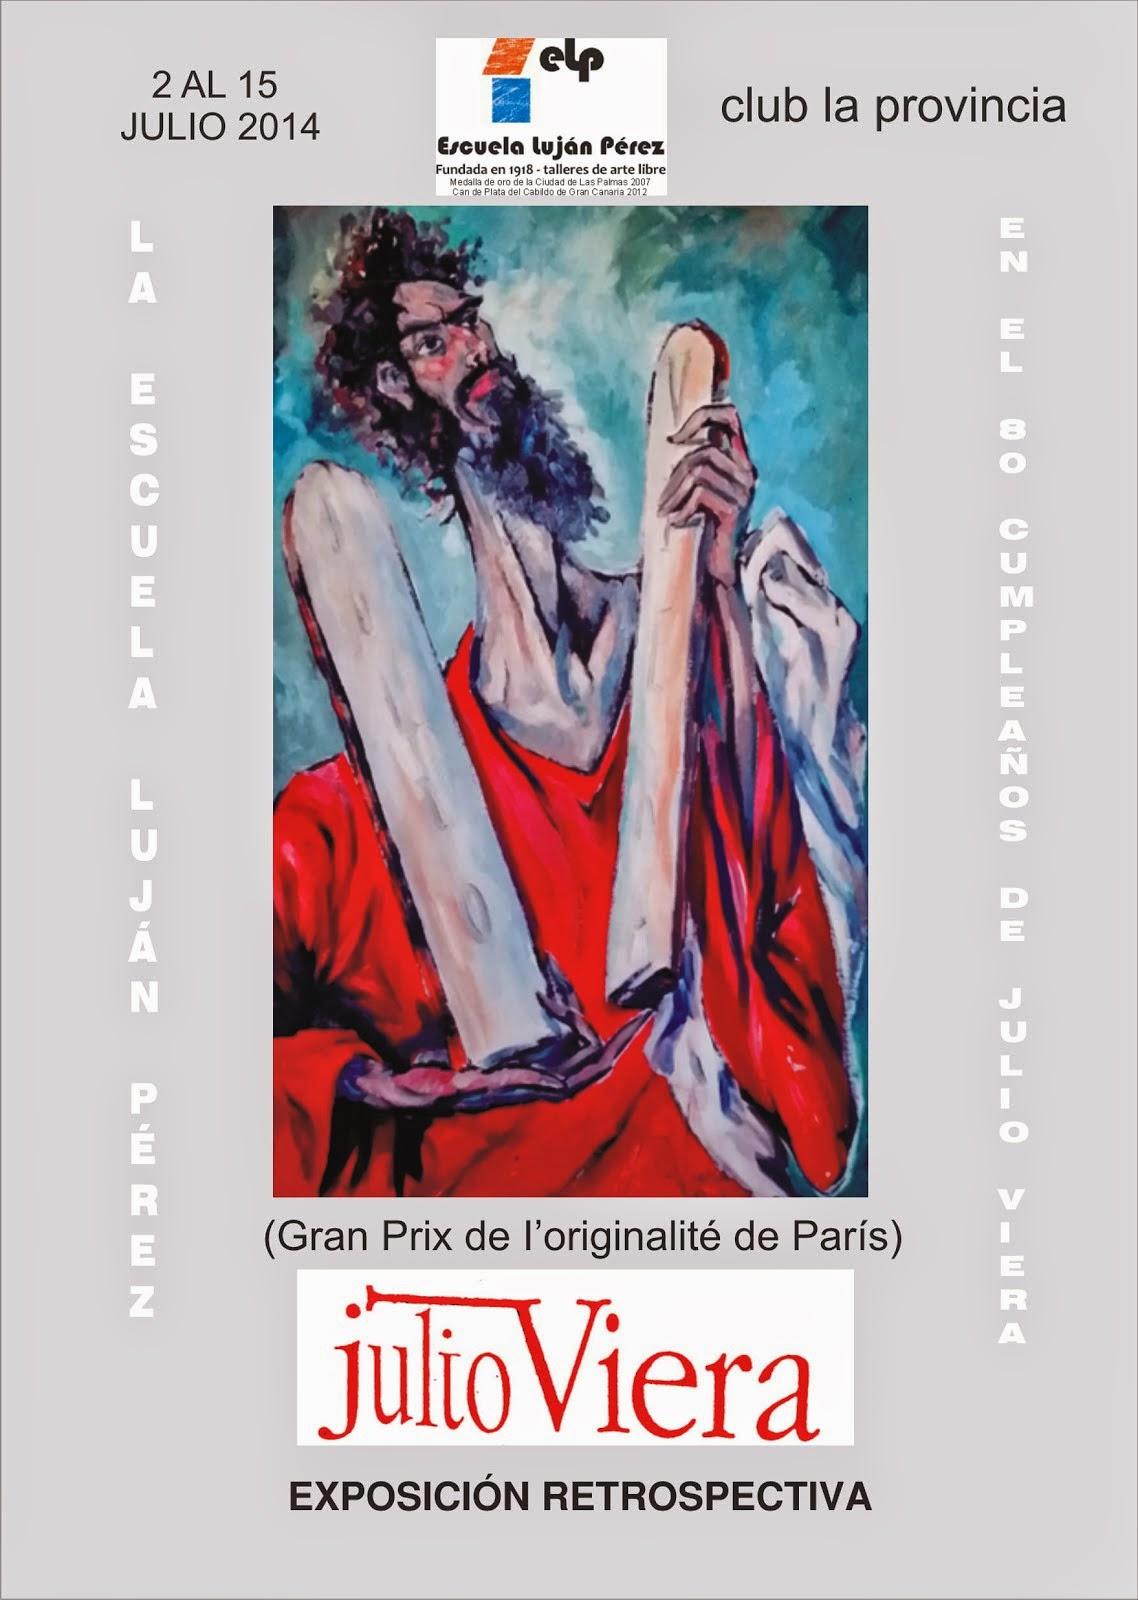 CATÁLOGO EXPOSICIÓN JULIO VIERA